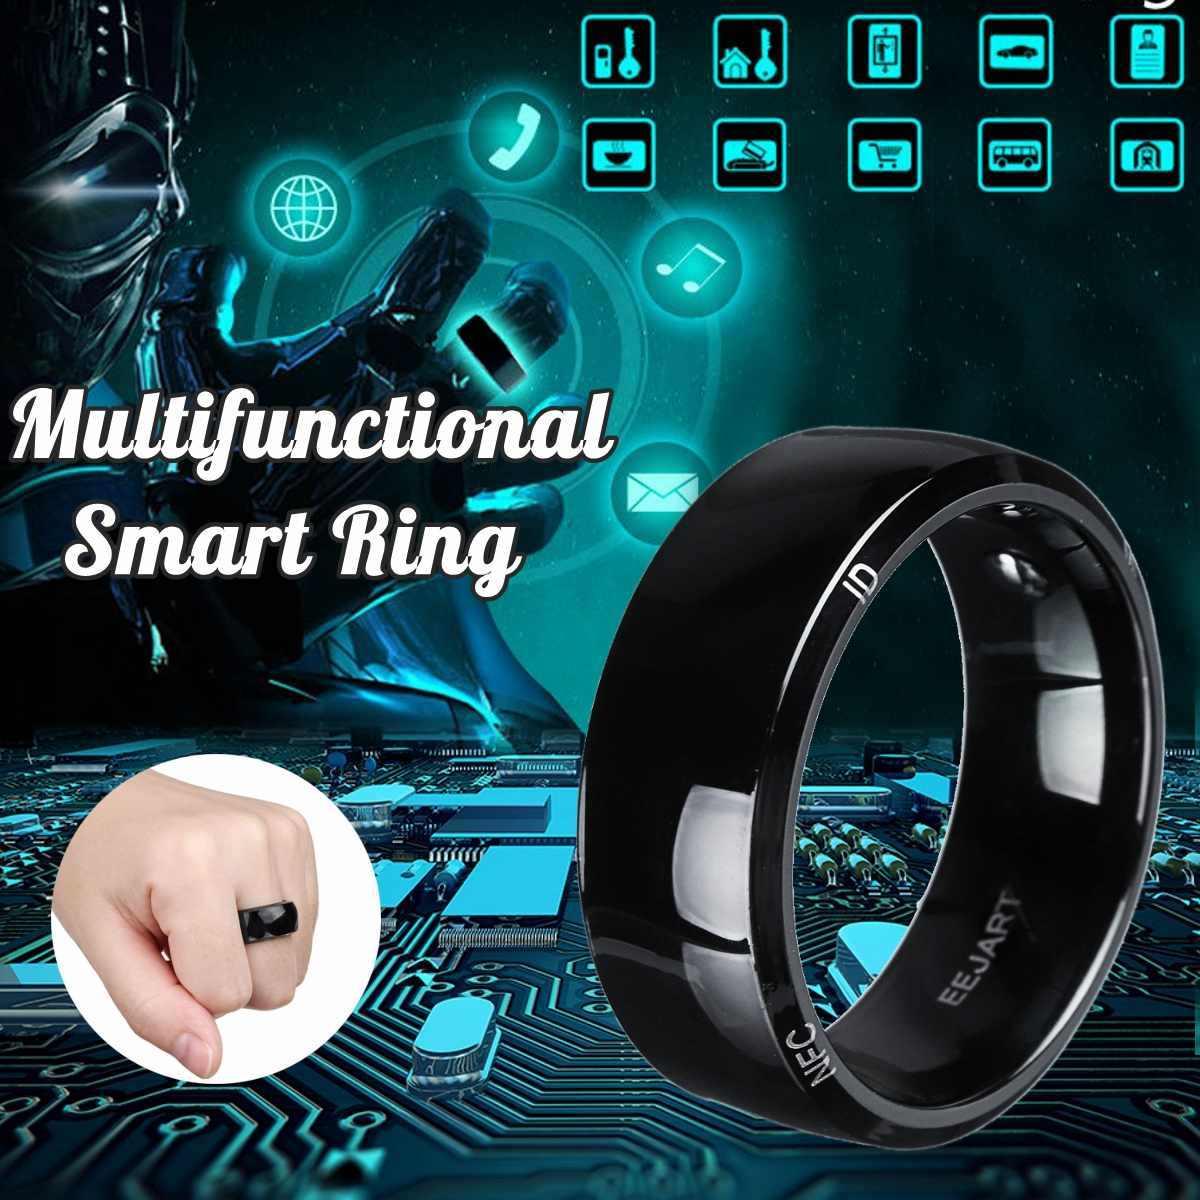 Водонепроницаемый разблокировка защита здоровья смарт Кольцо Износ новая технология Волшебный палец кольцо NFC для Android Windows NFC мобильный телефон